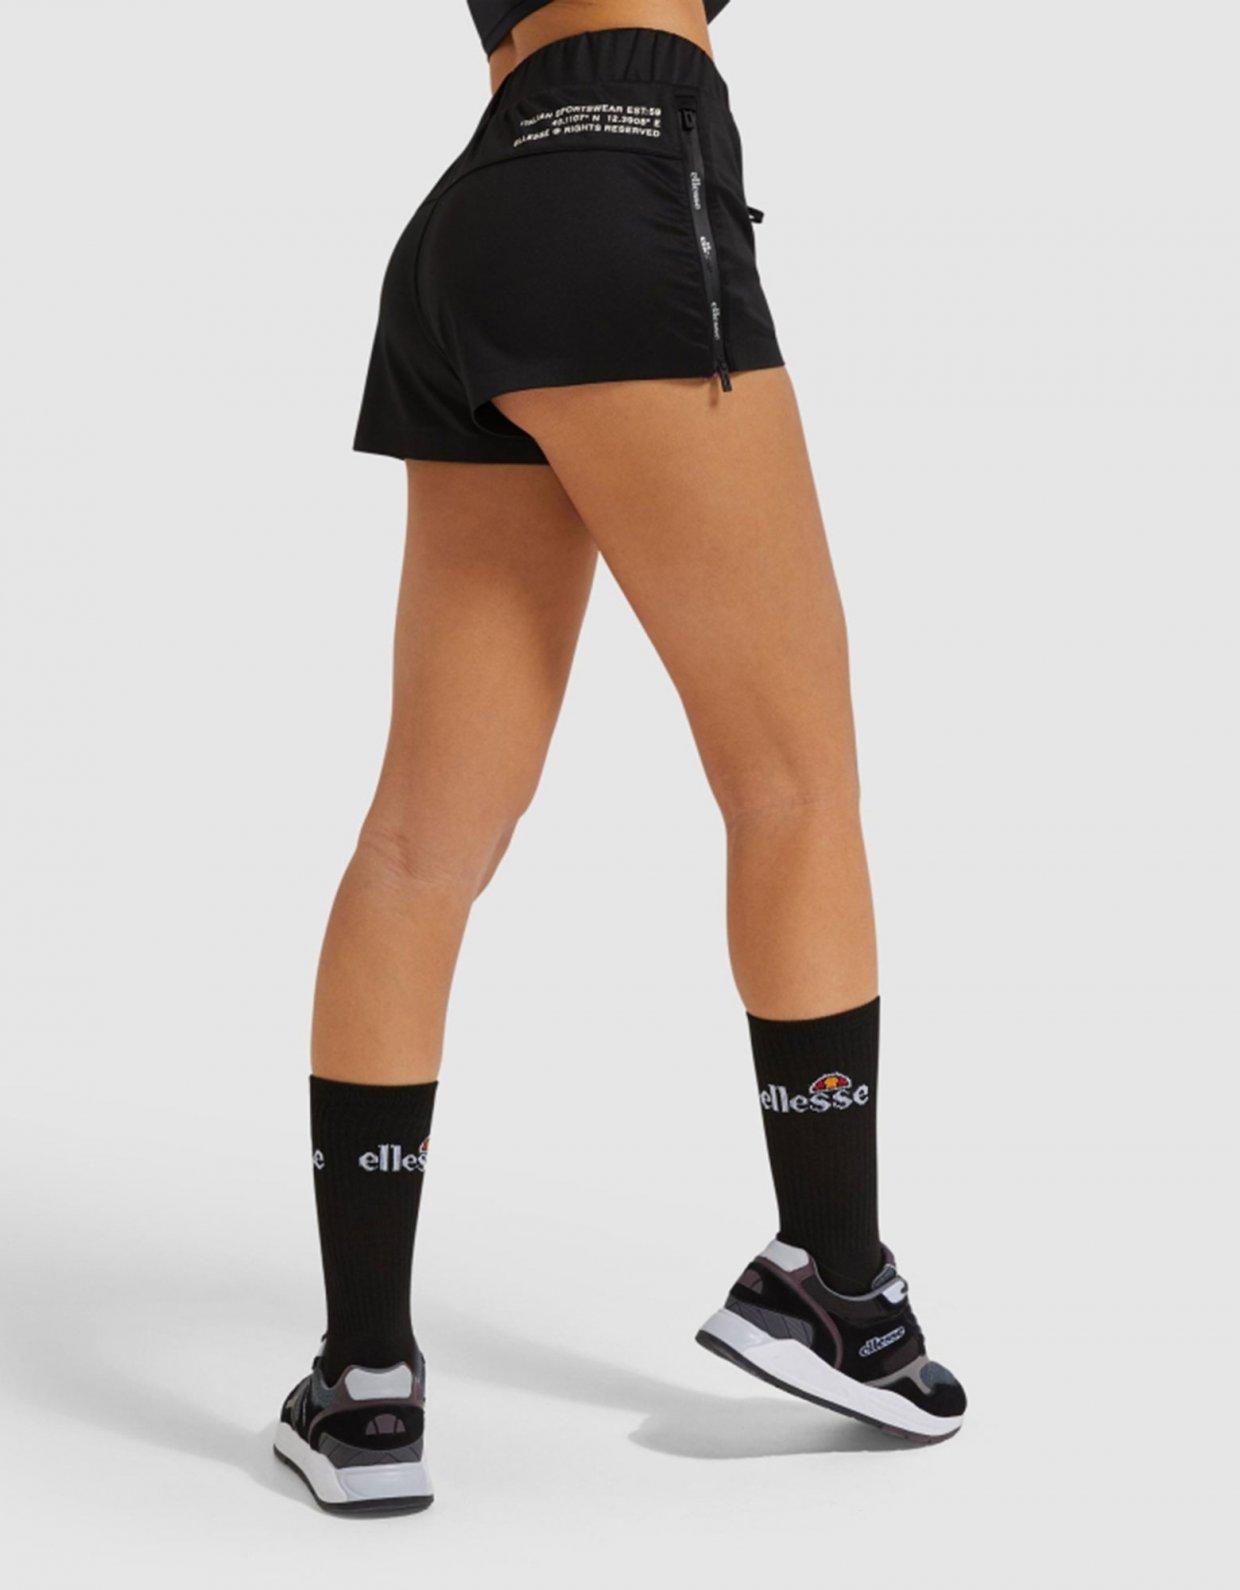 Ellesse Veno shorts black